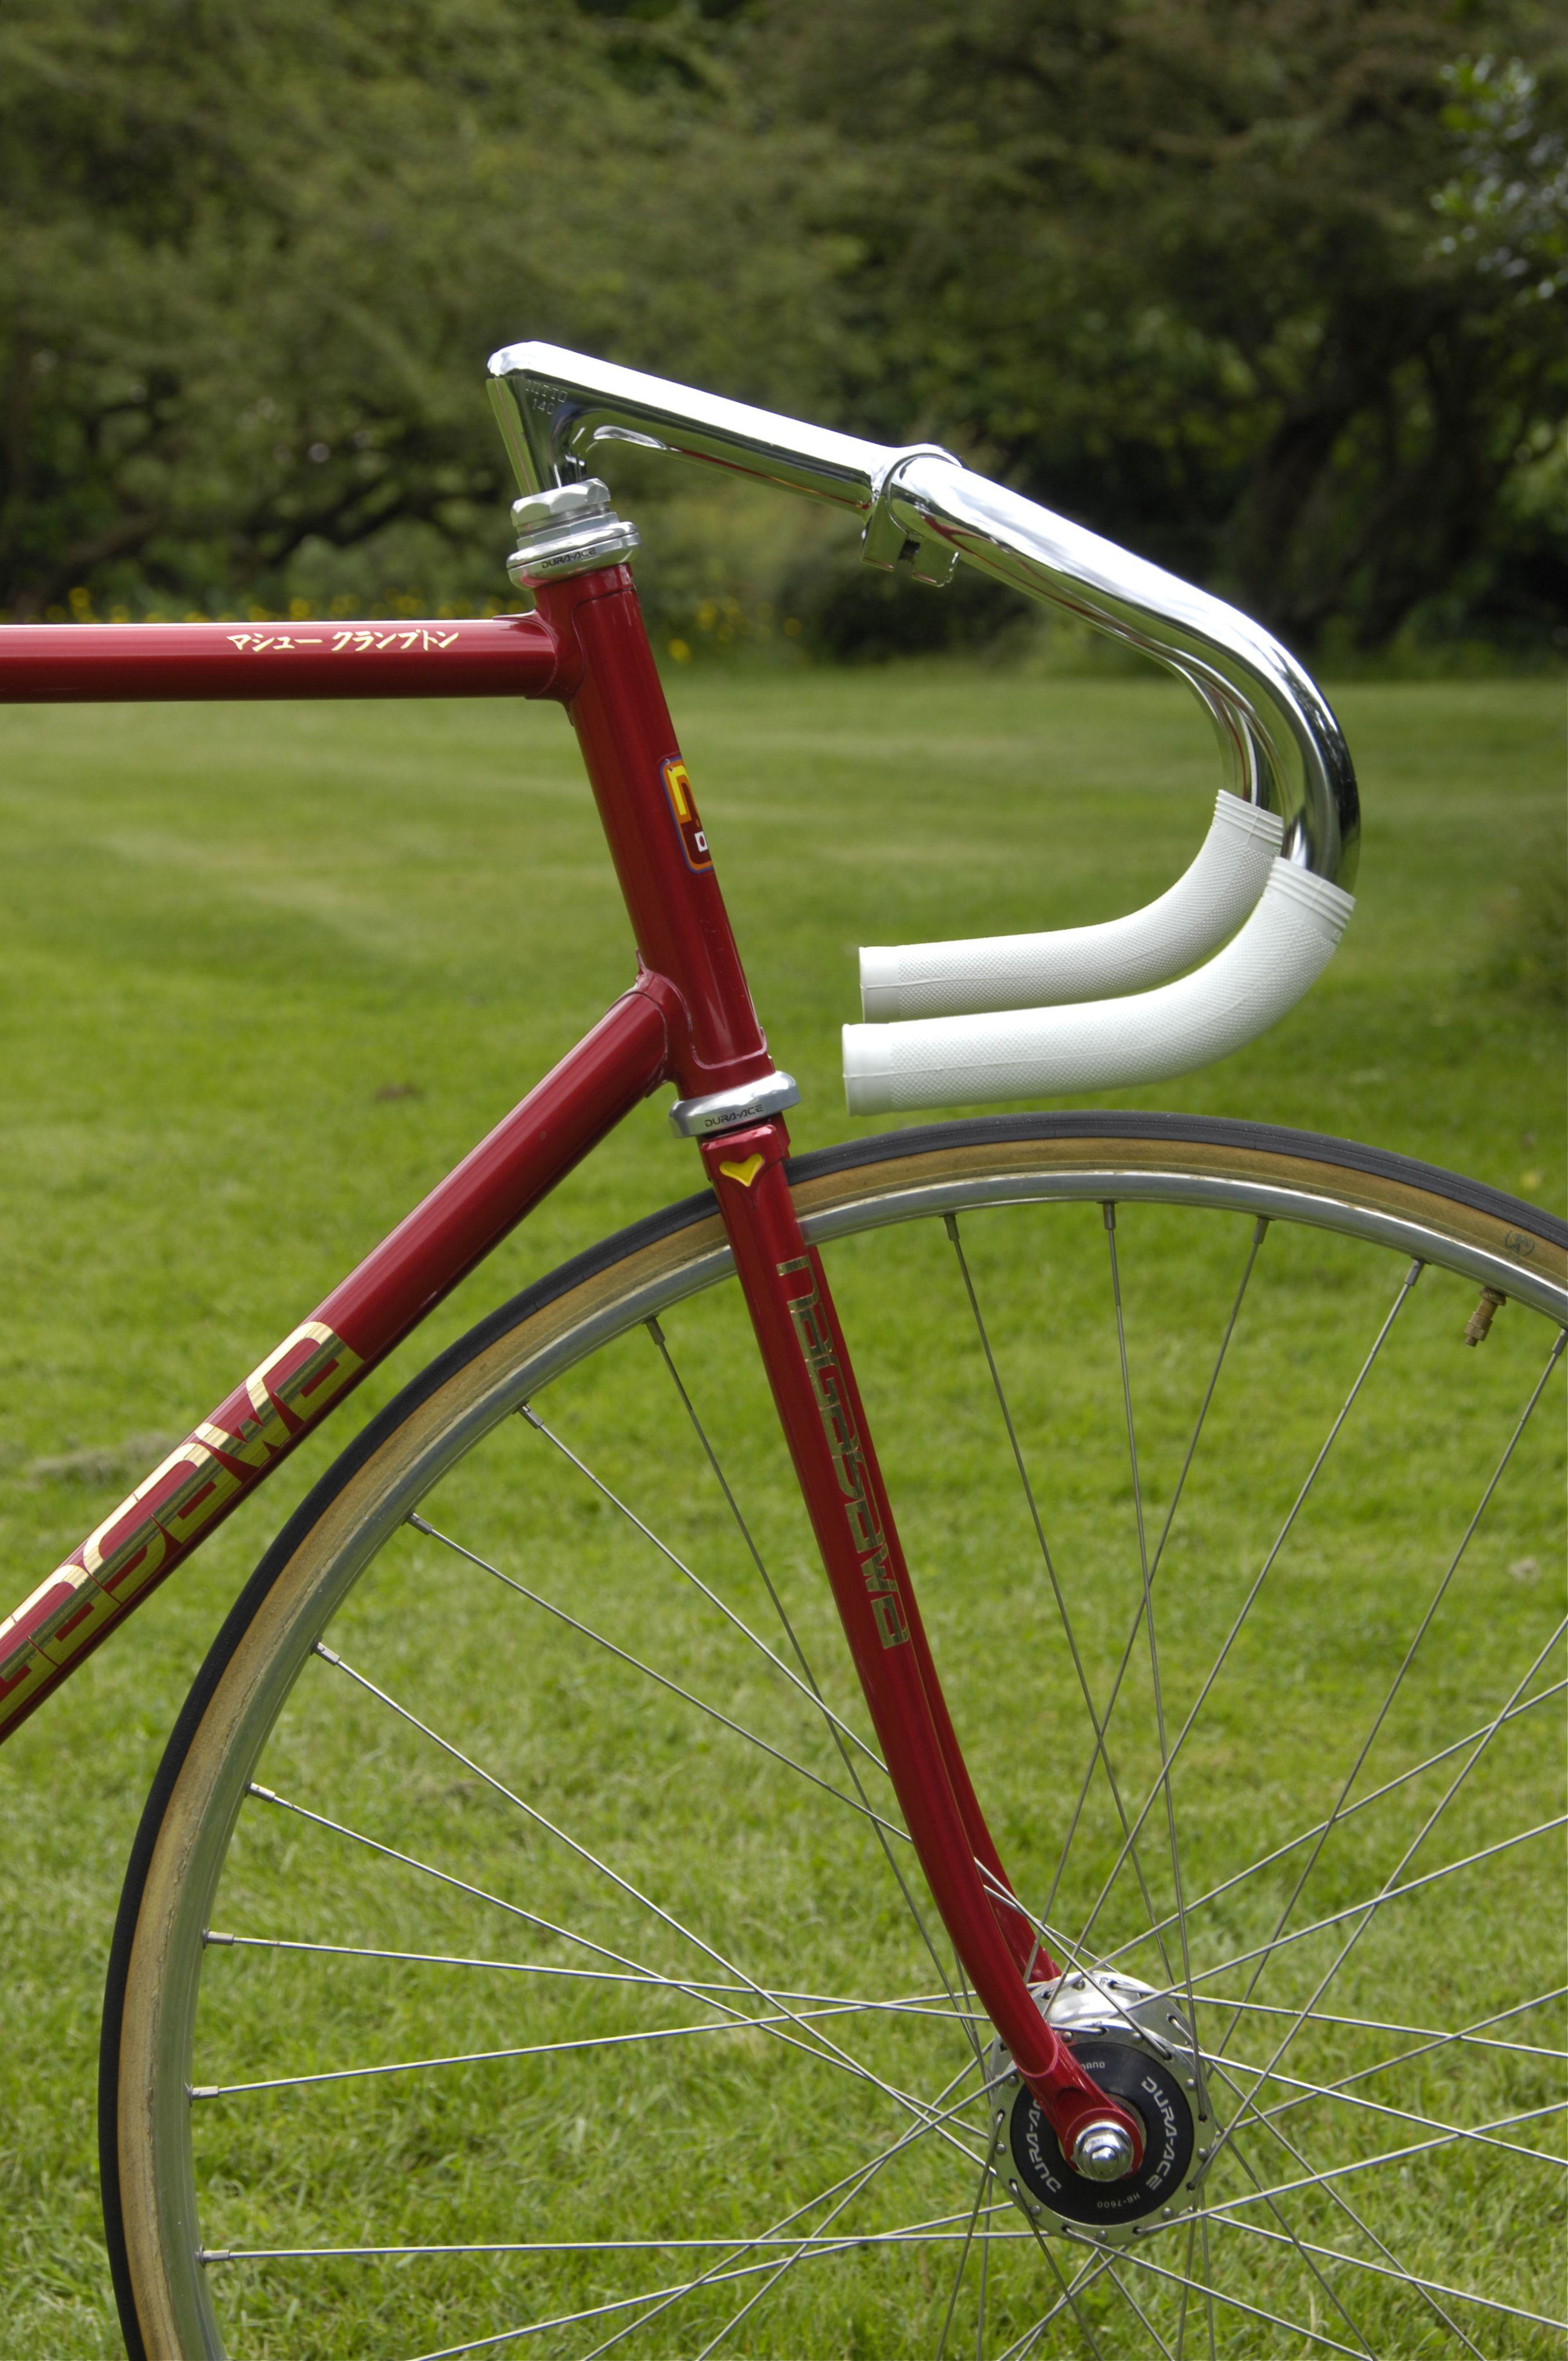 Nagasawa Keirin Bicycle Vintage Bicycles Bicycle Bicycle Track